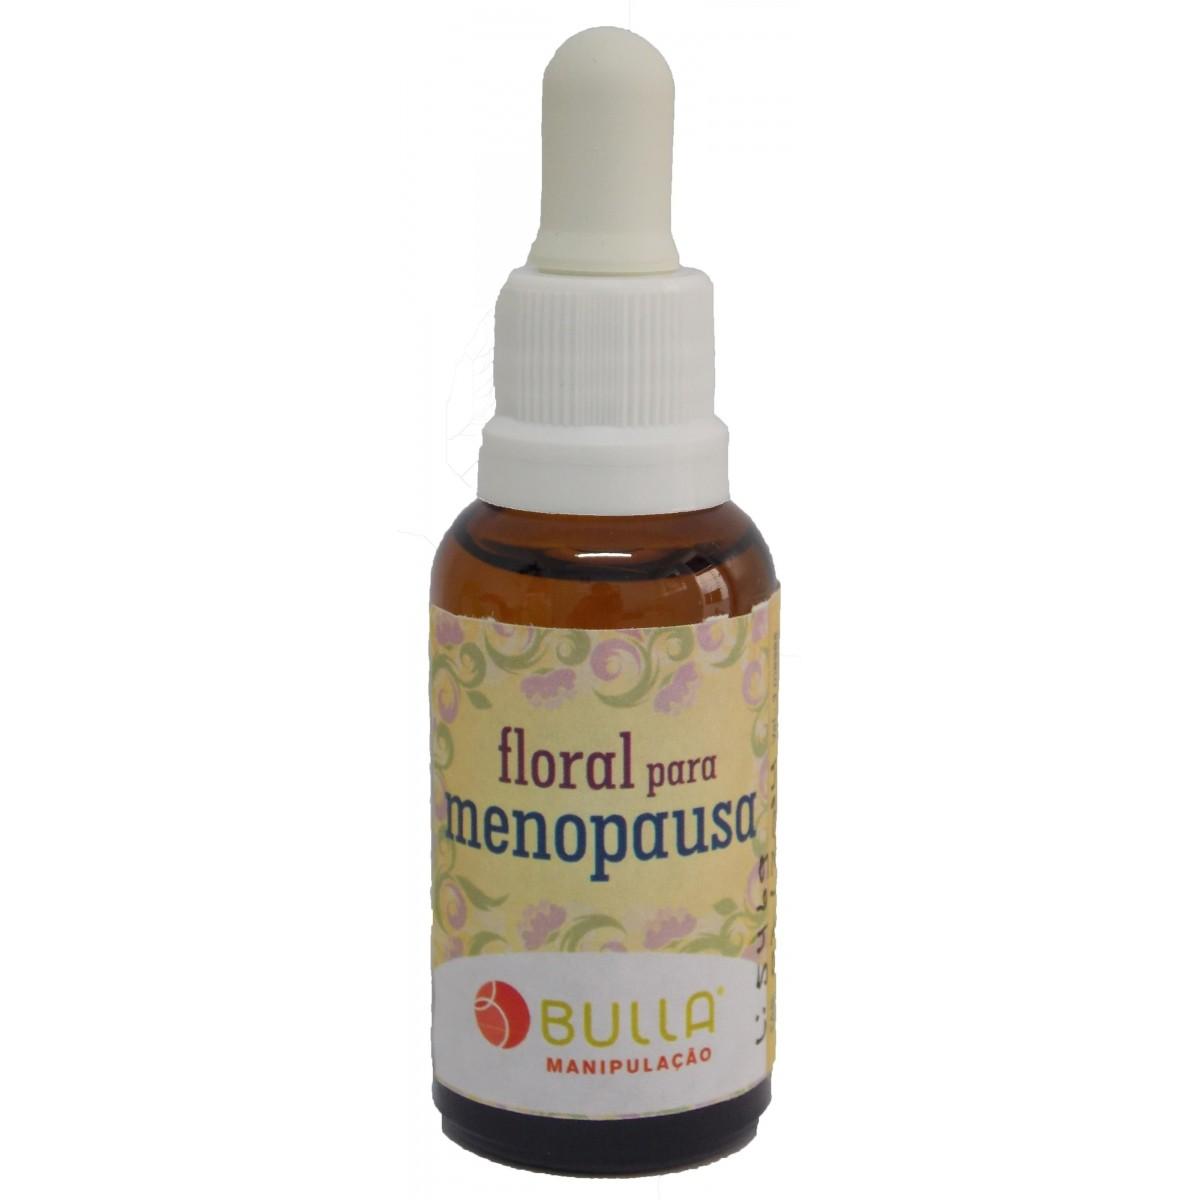 Floral para Menopausa - 30 ml